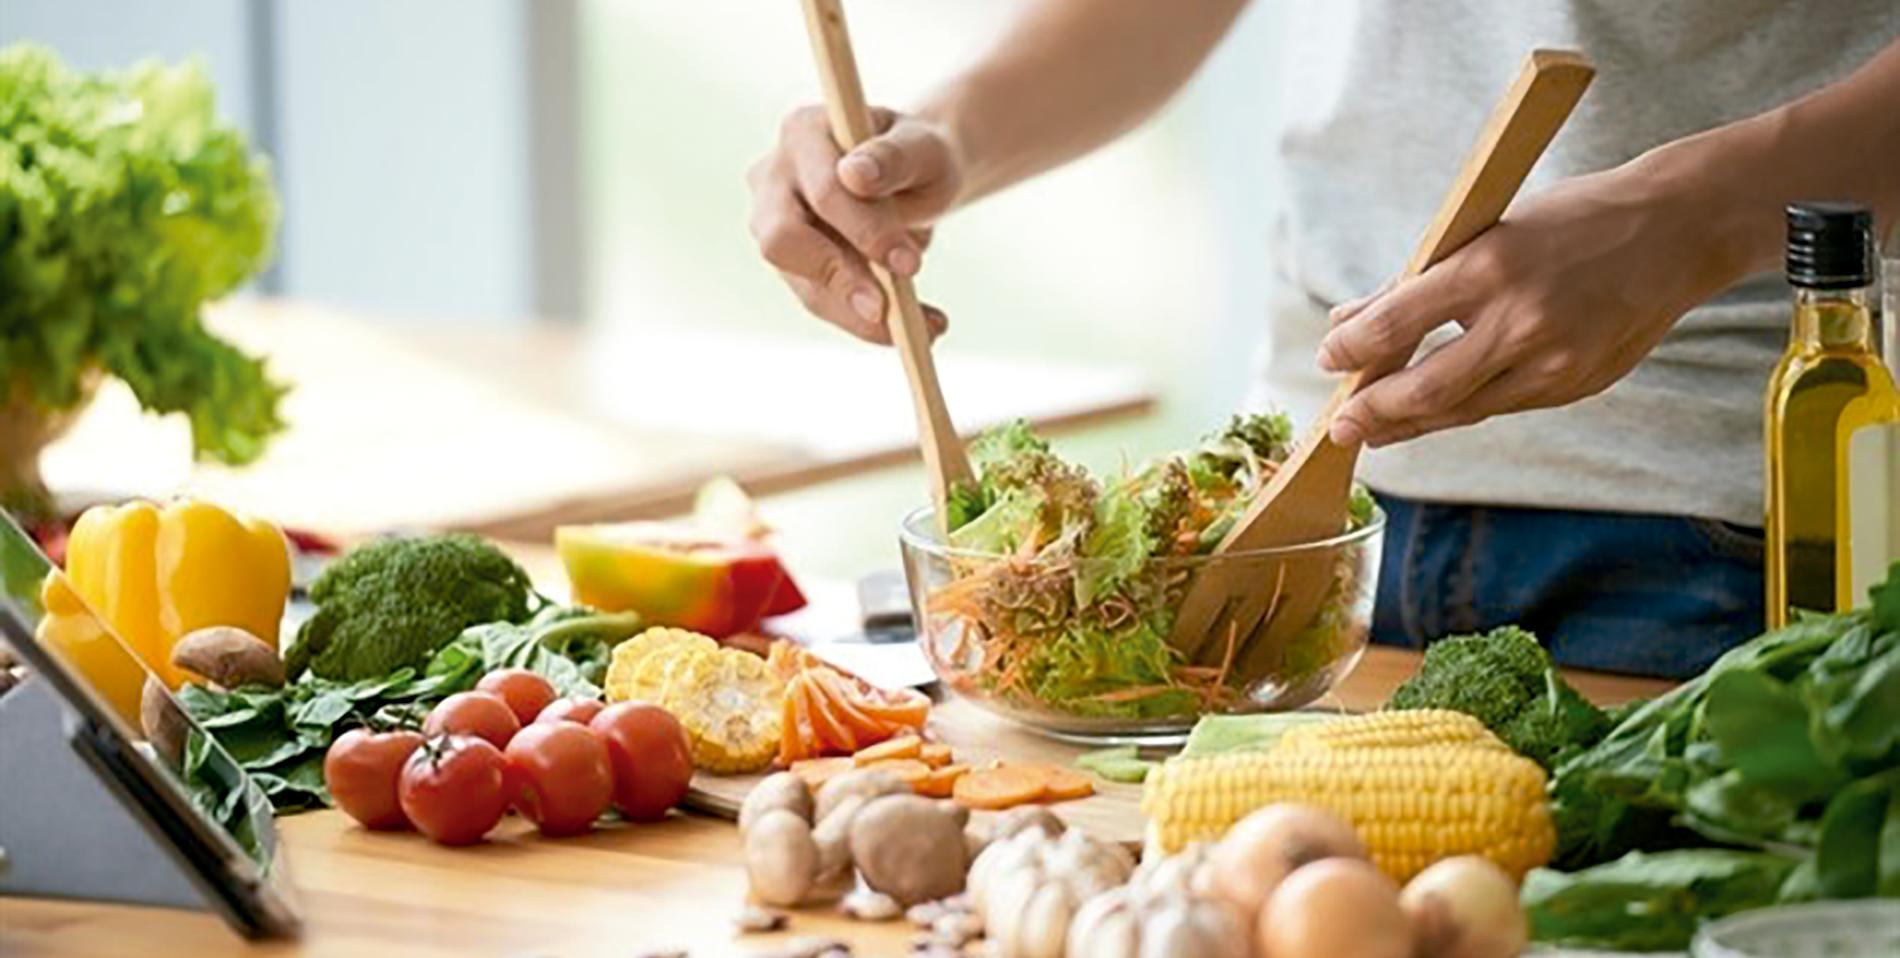 Cómo mantener una dieta saludable mientras dure la cuarentena según los expertos